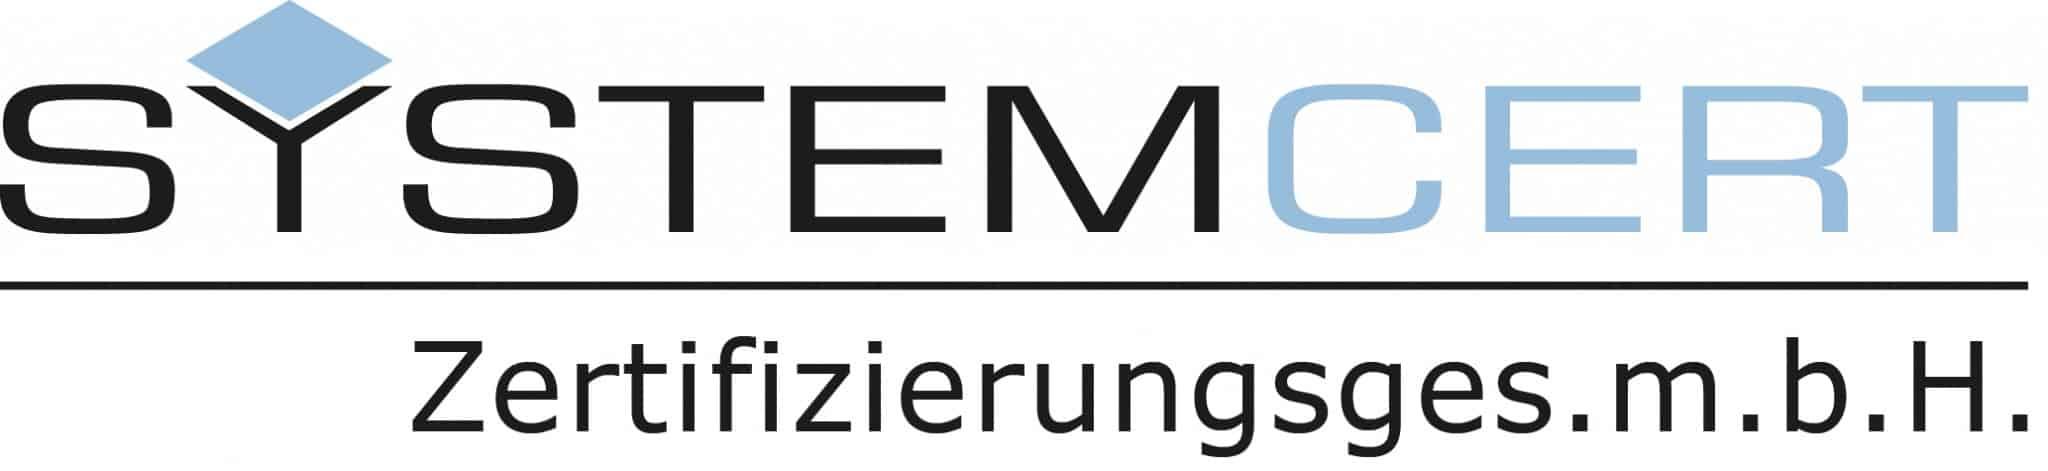 SystemCert Zertifizierungsges.m.b.H.